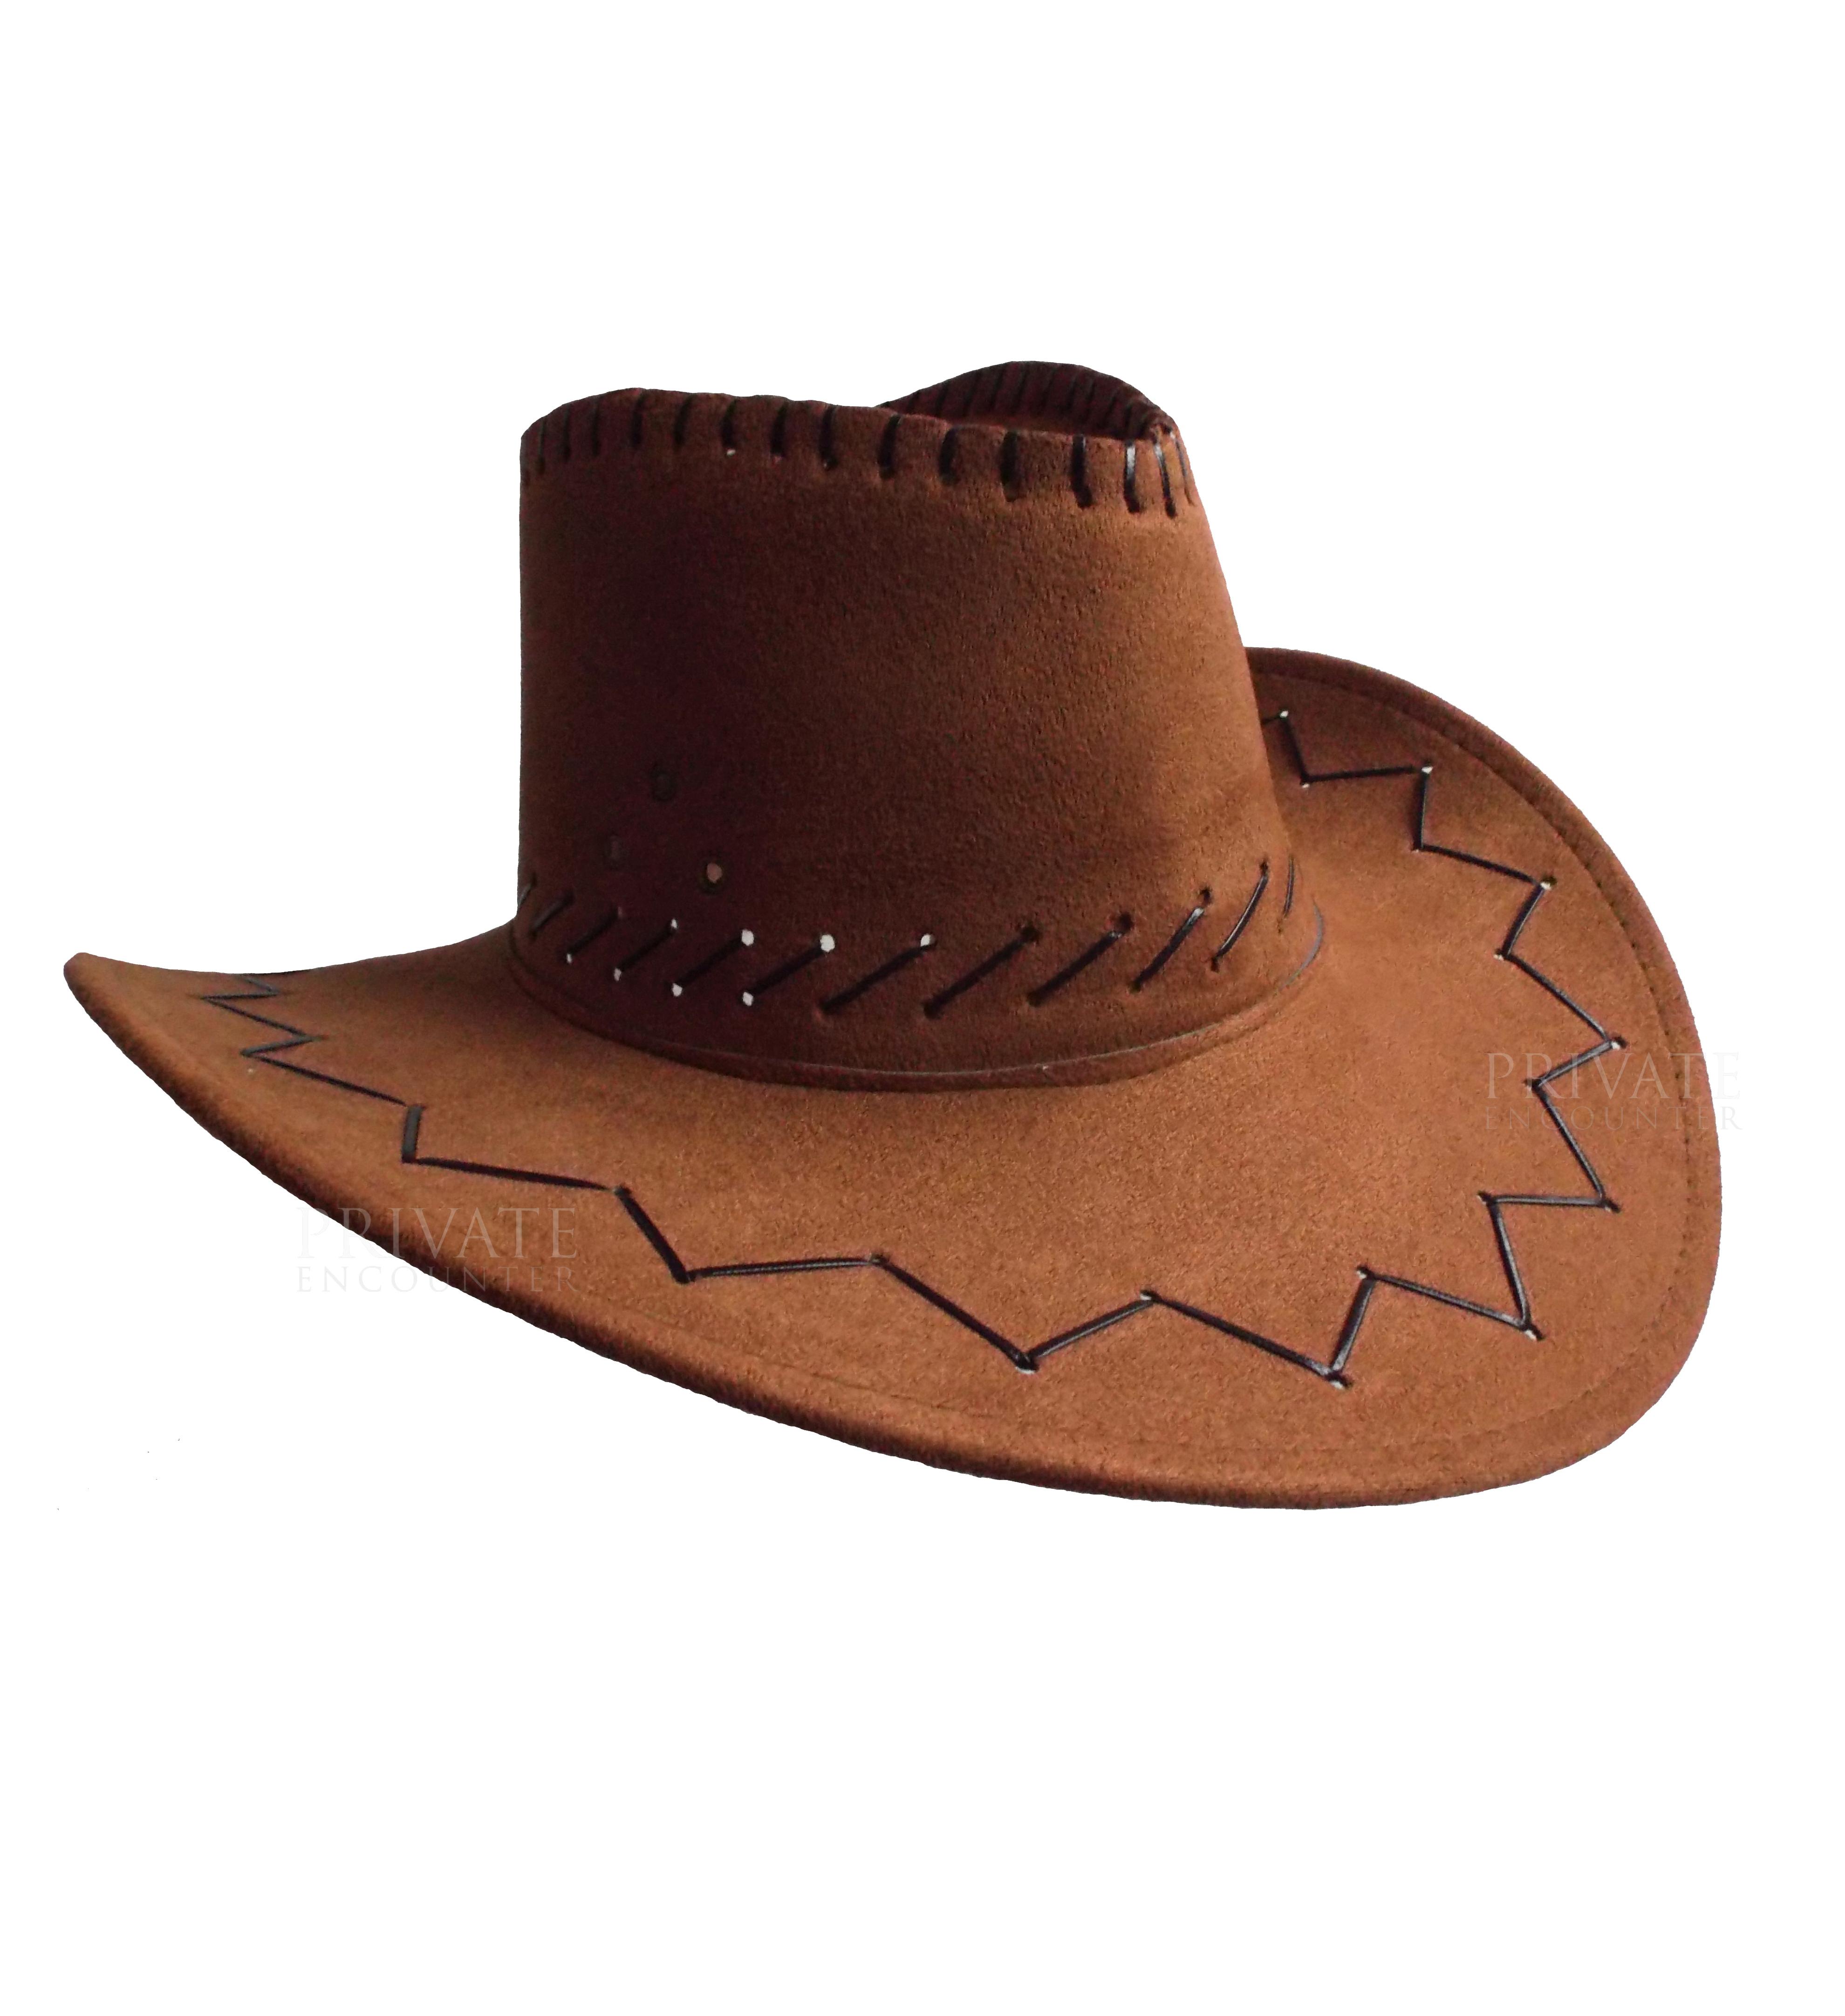 3b6d9569b42 Adult Brown Suede Look Cowboy Hat